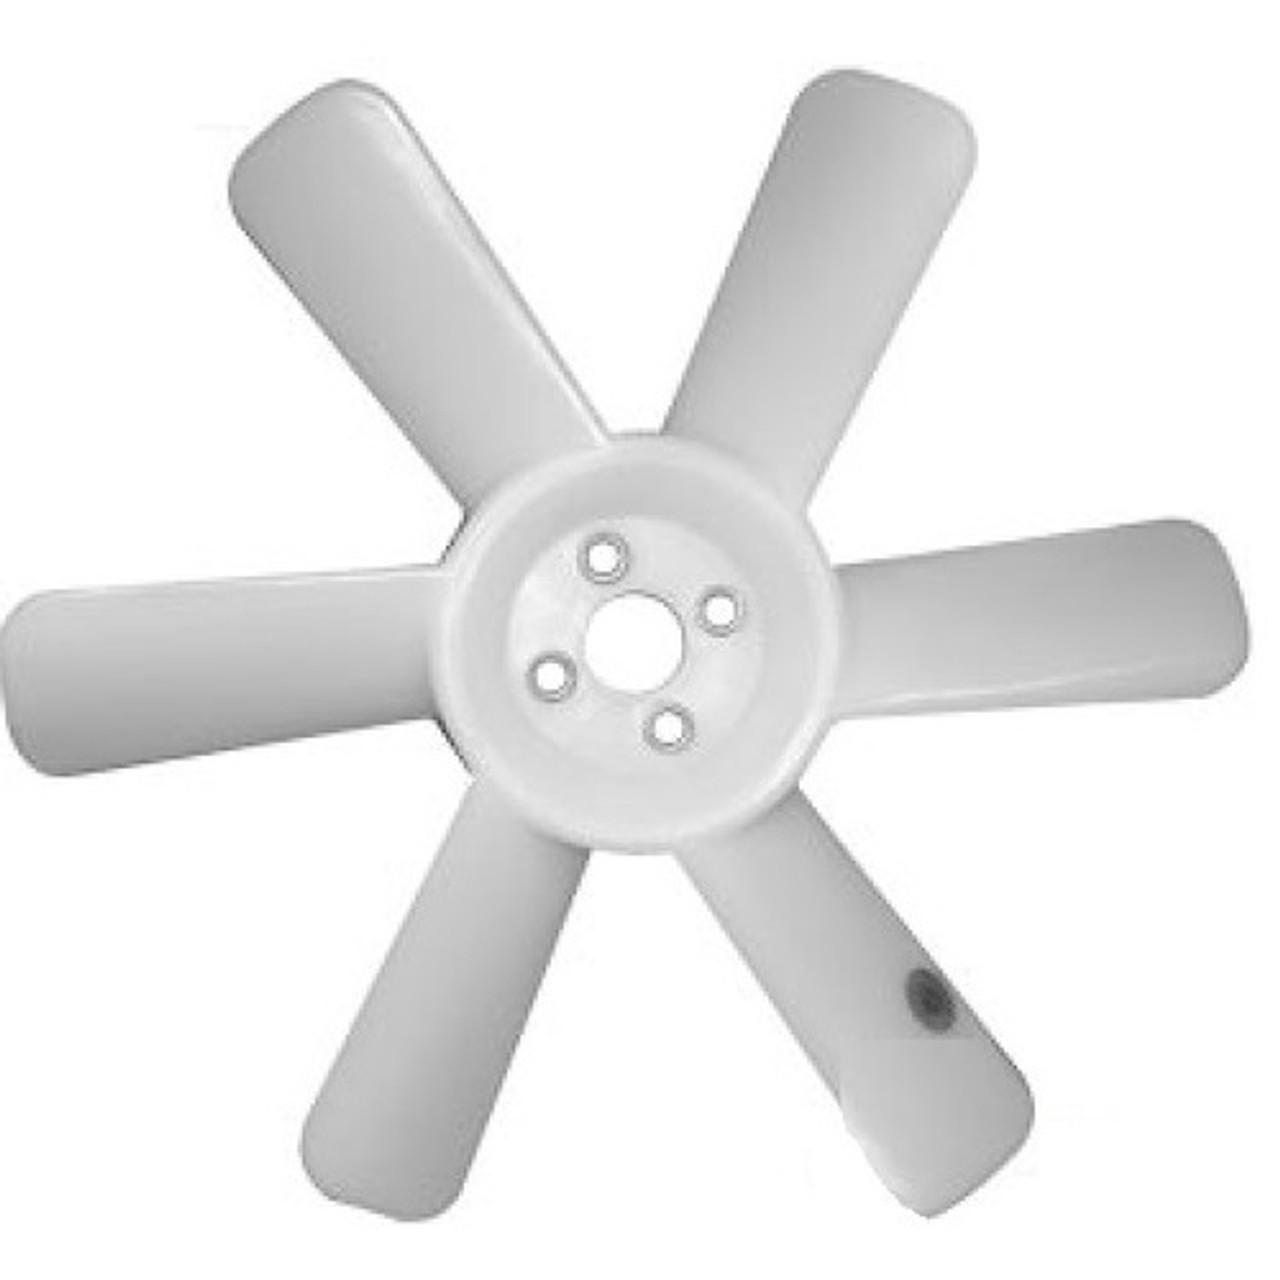 Fan (Cooling)